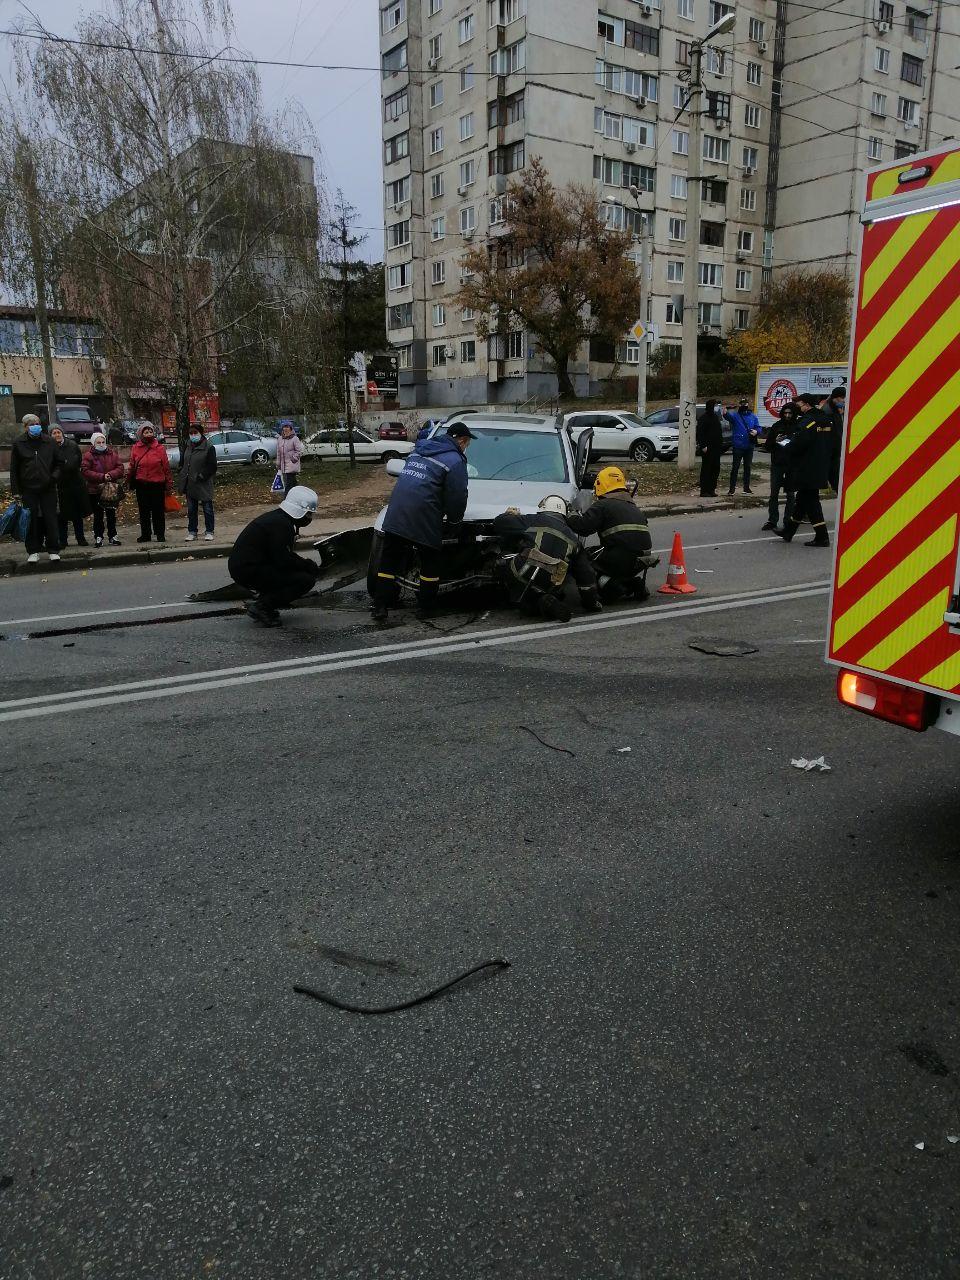 Харьковские спасатели деблокировали из покореженного в ДТП автомобиля водителя (фото)